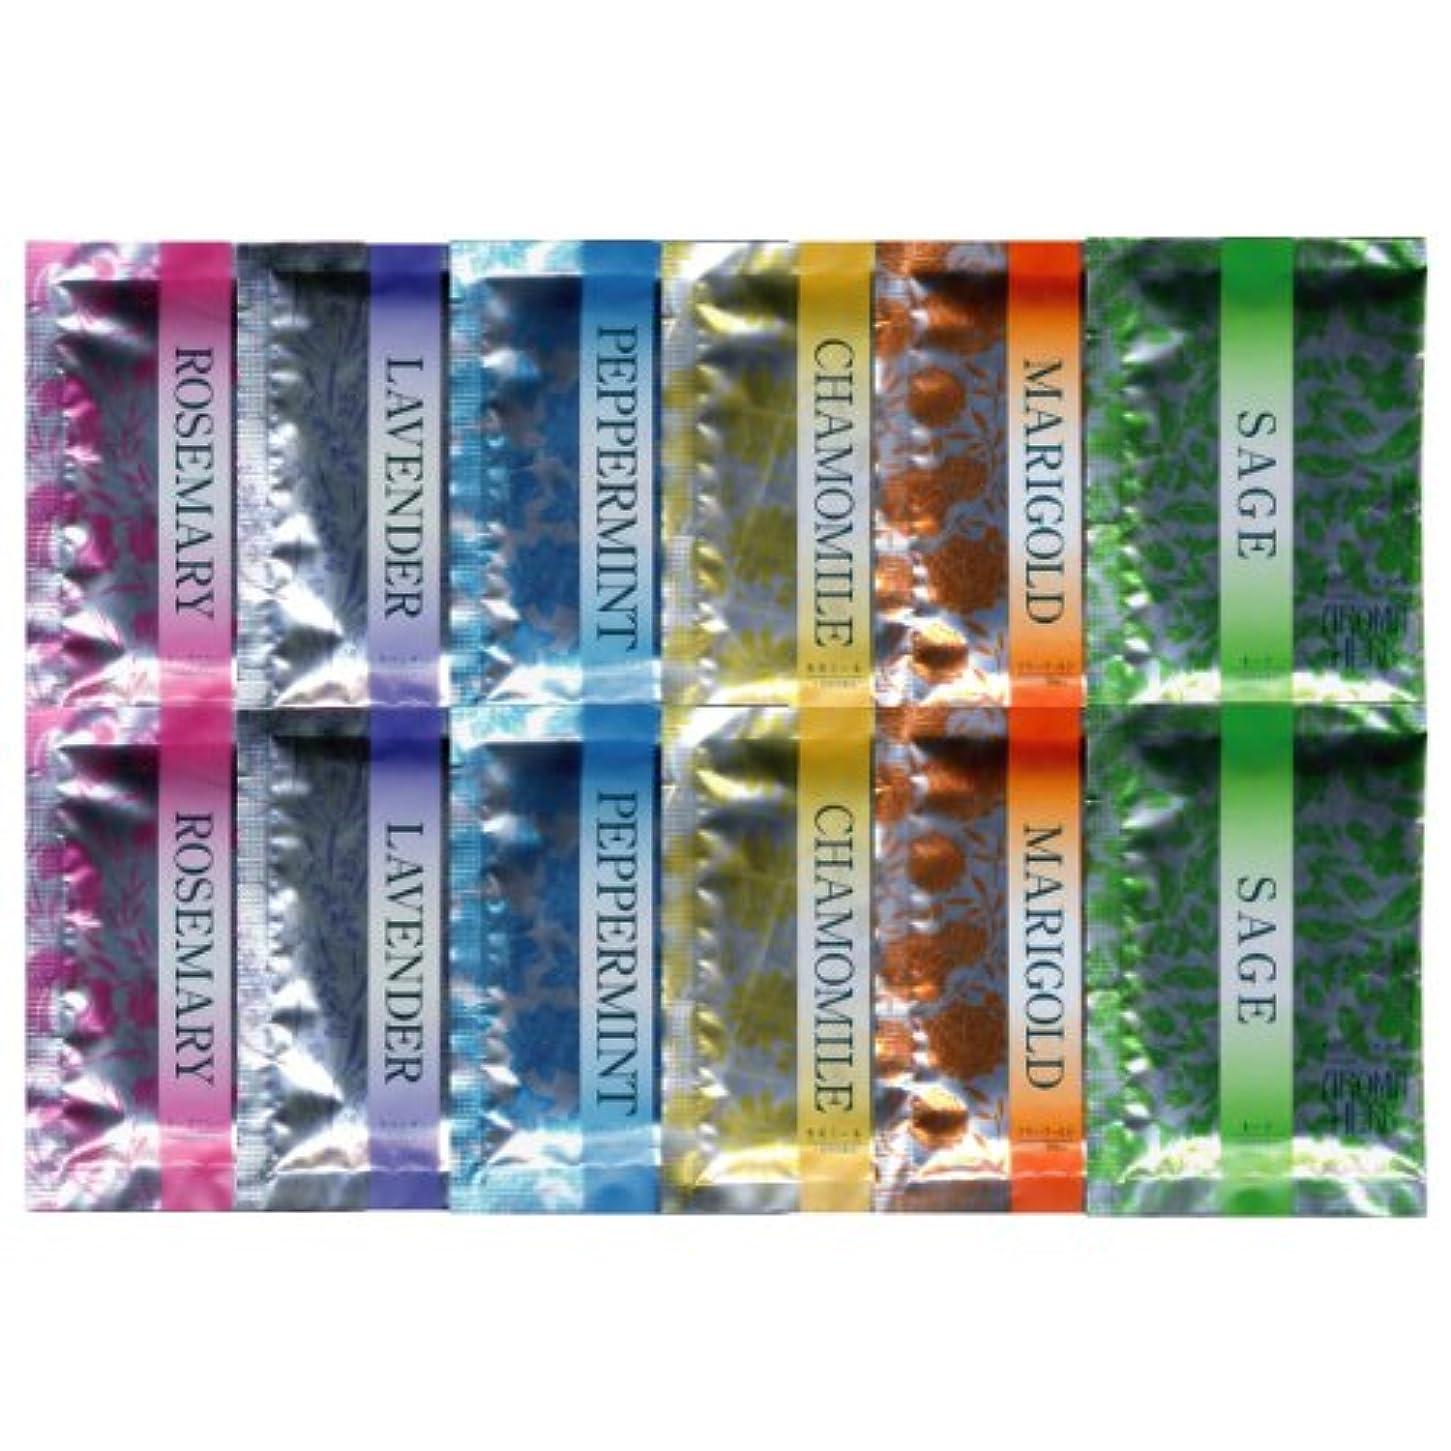 解体するフェンス受け入れたアロマハーブ 香りの物語 6種類×2 12包